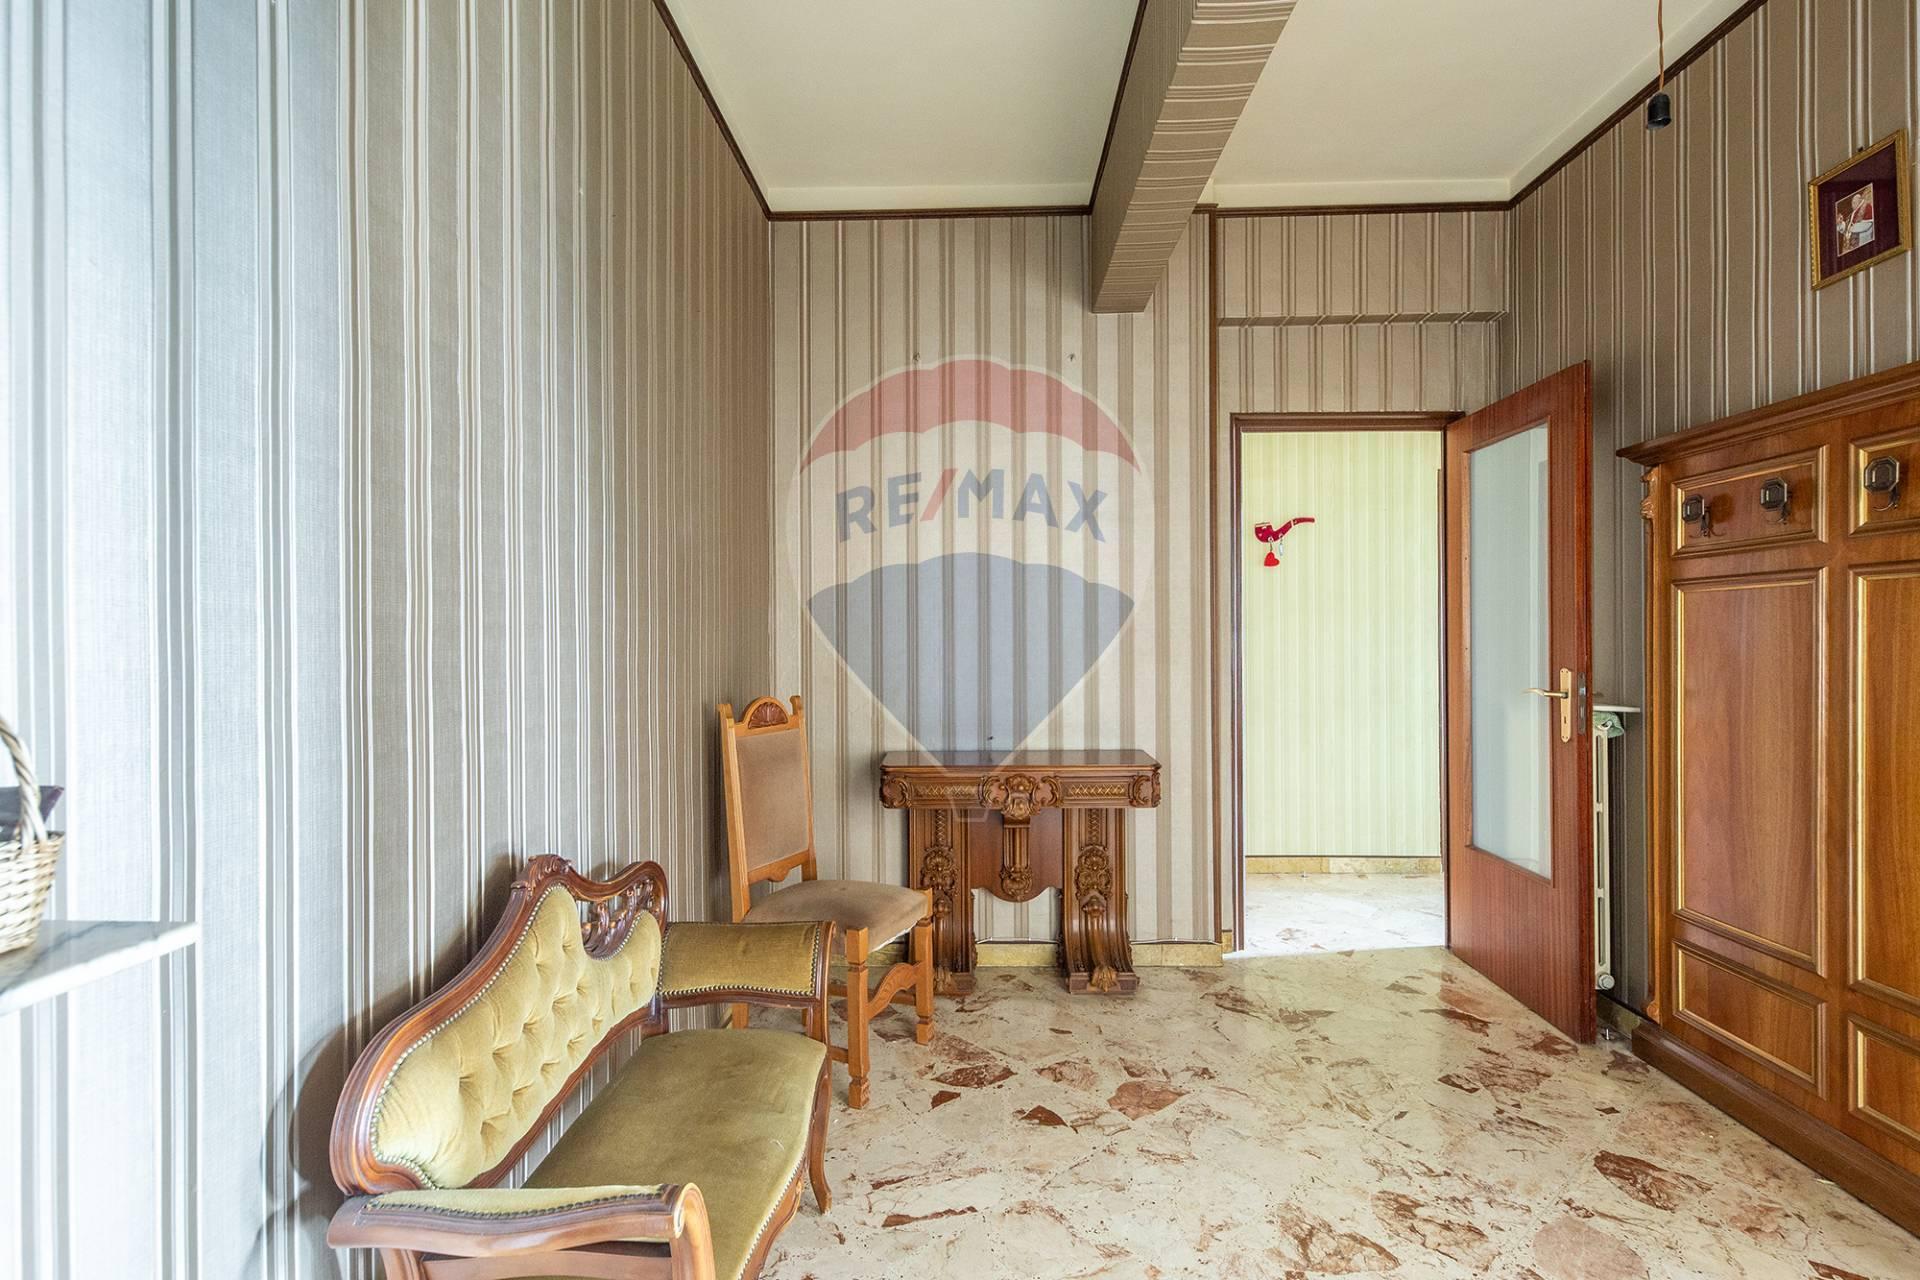 Appartamento in vendita a Enna, 7 locali, zona Località: ZonaMonte, prezzo € 210.000   CambioCasa.it